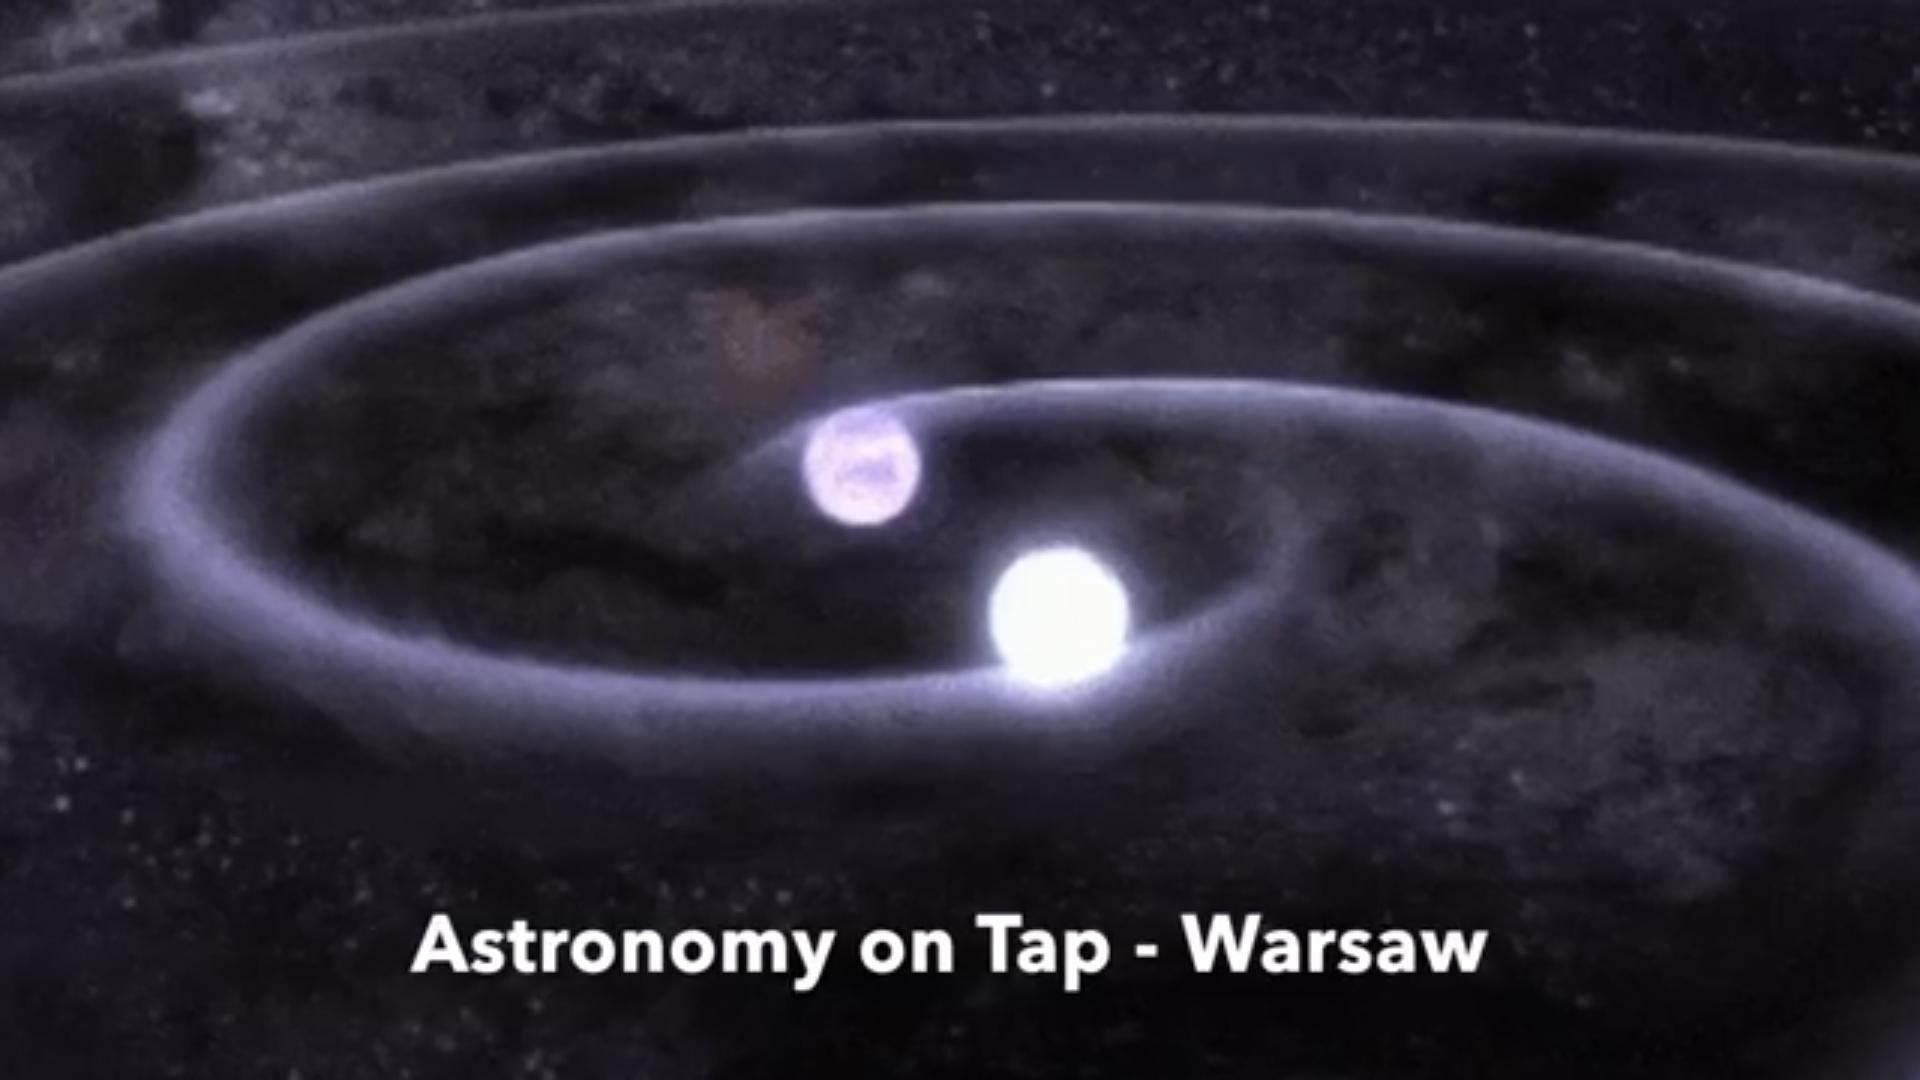 Astronomy on Tap - Warsaw vol. 2 @ Centrum Zarządzania Światem